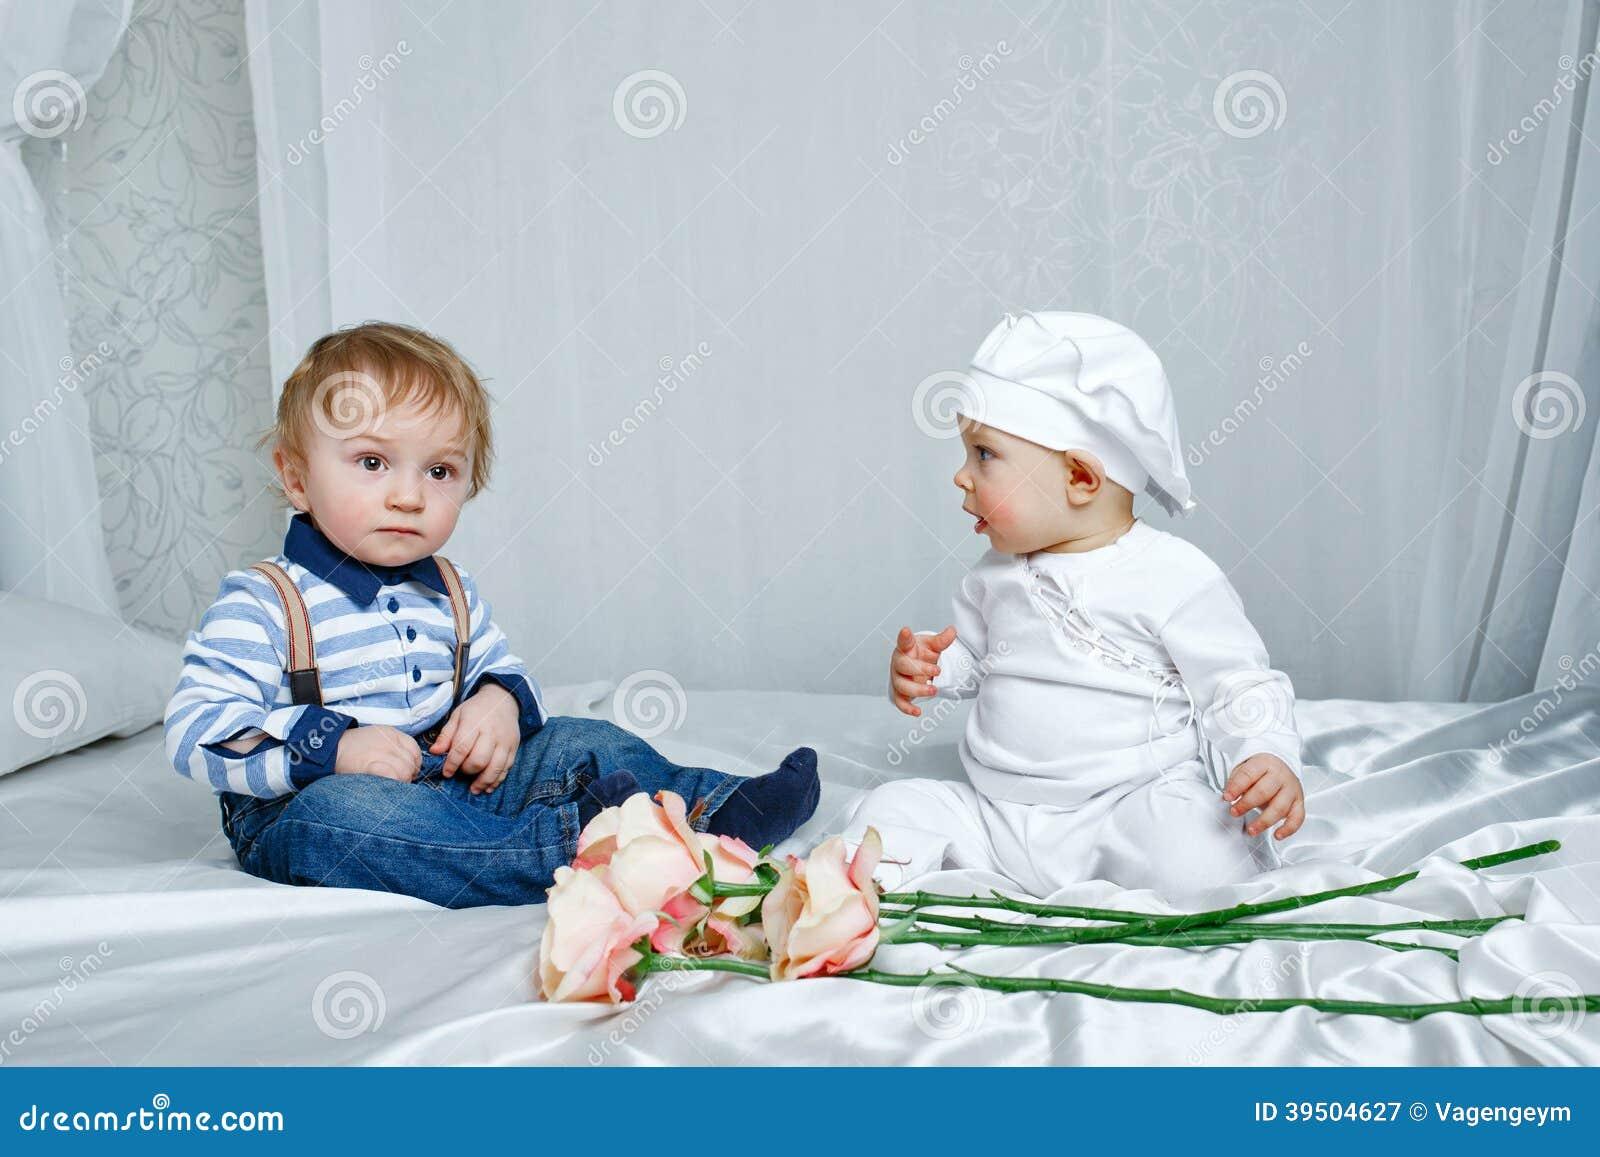 Children play bedroom